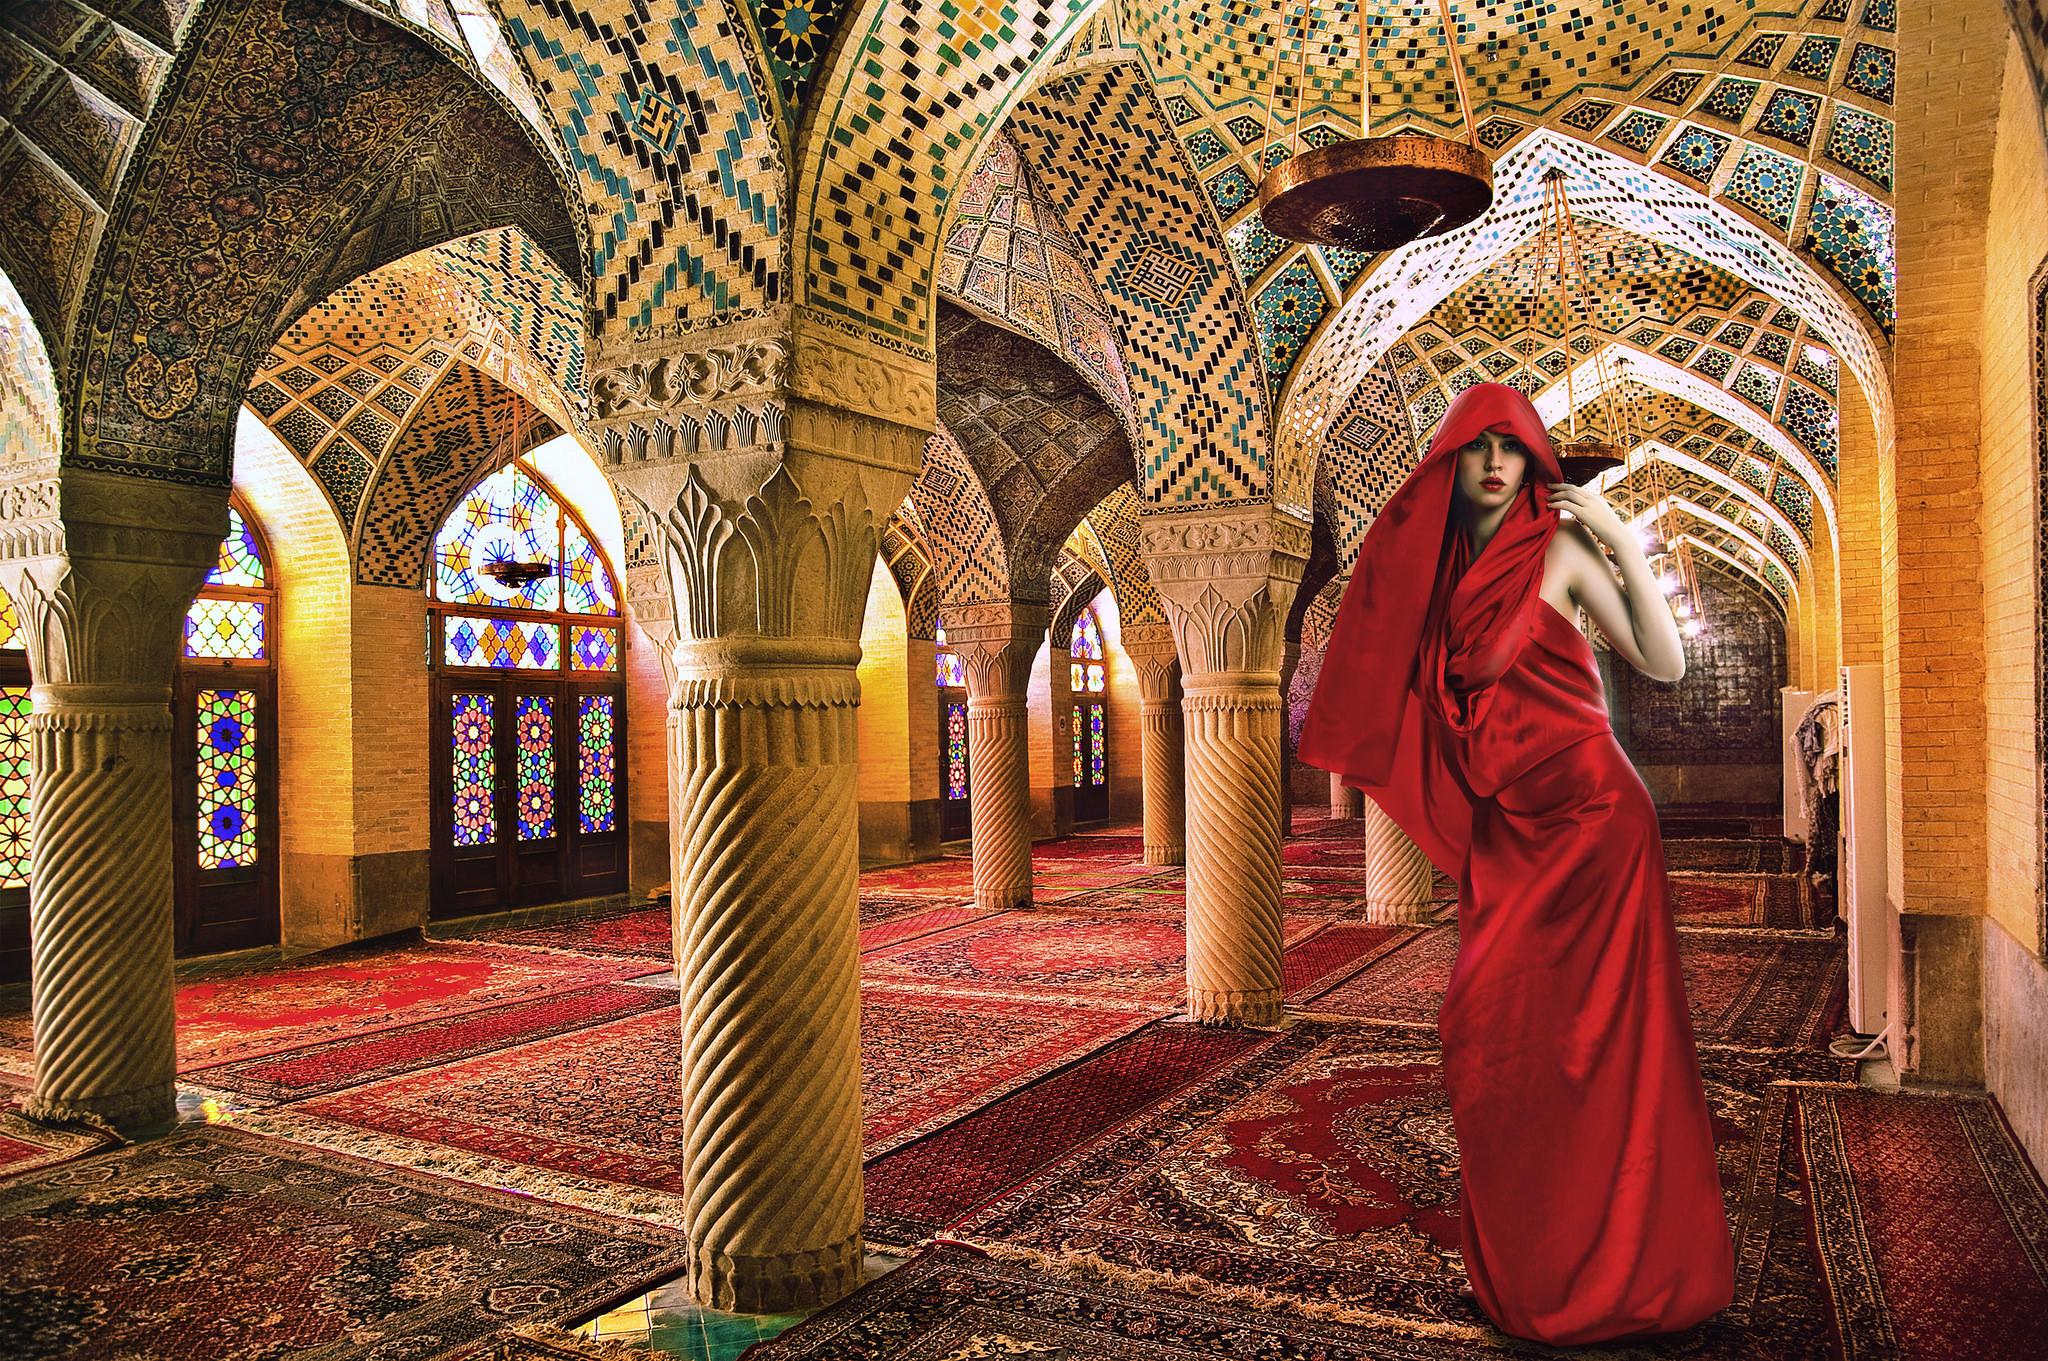 обои Мескита, римско-католический собор, Кордовская мечеть, помещение картинки фото